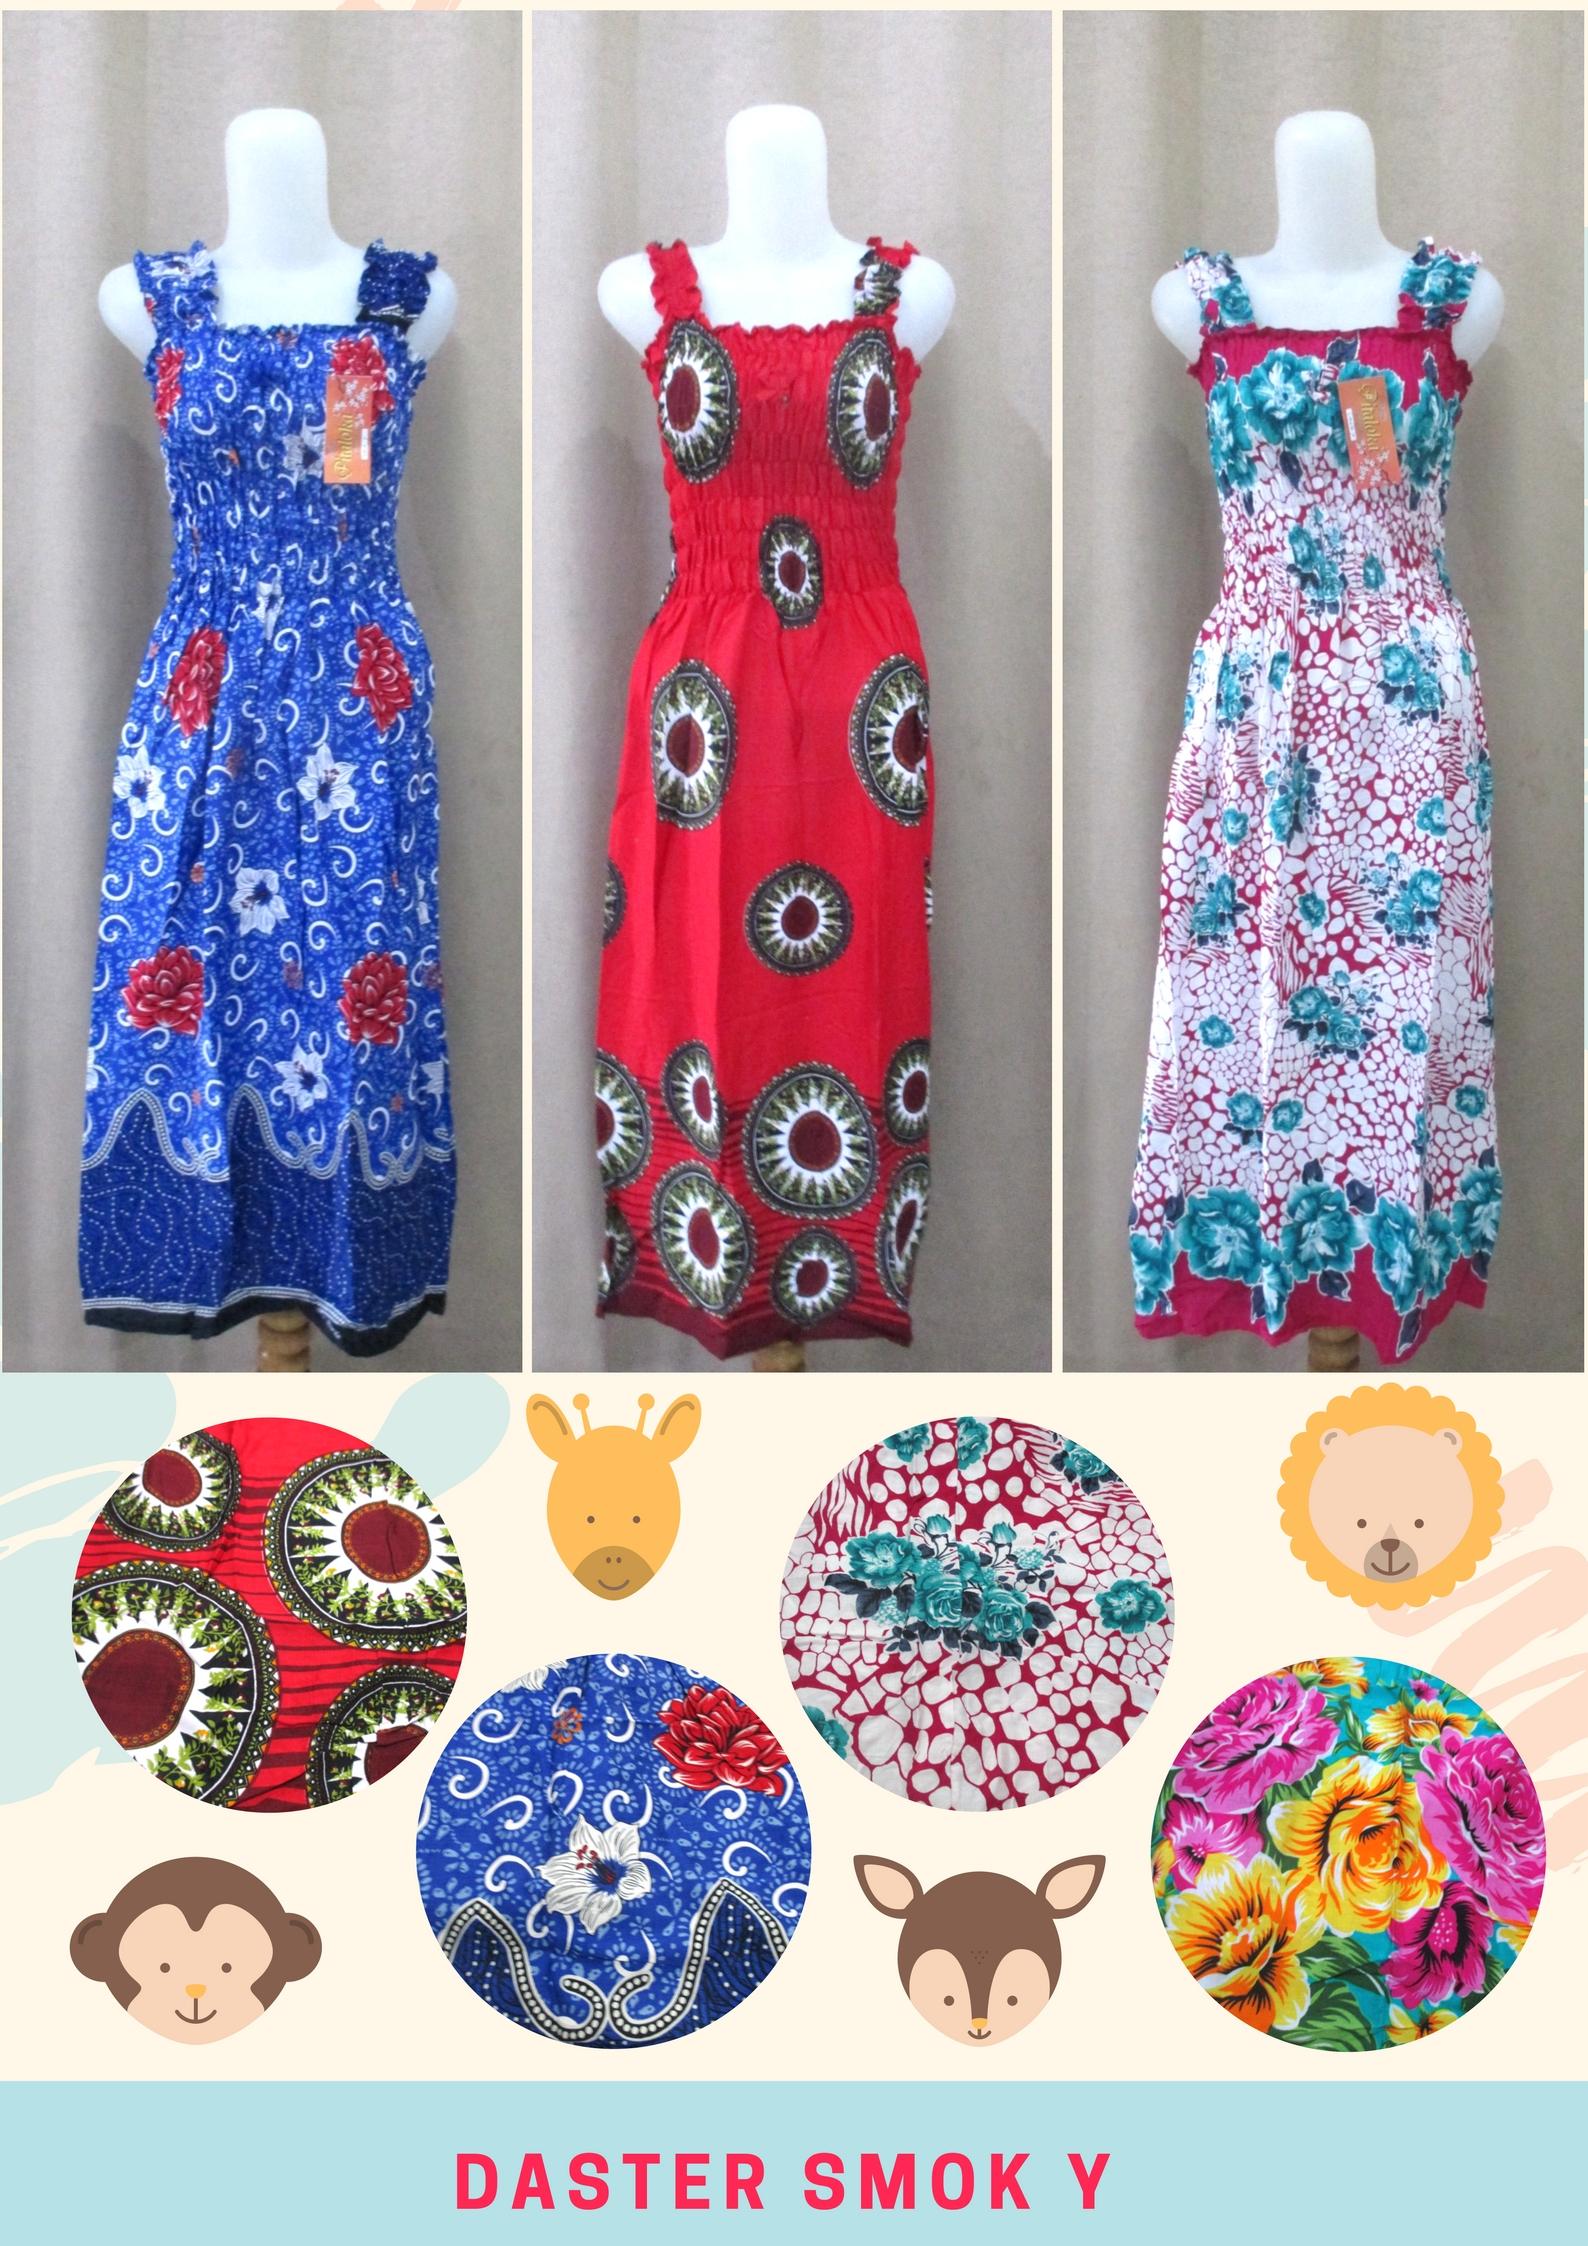 Produsen Daster Batik 18000 Pusat Grosir Daster Smok Y Wanita Dewasa Murah Solo 23Ribu